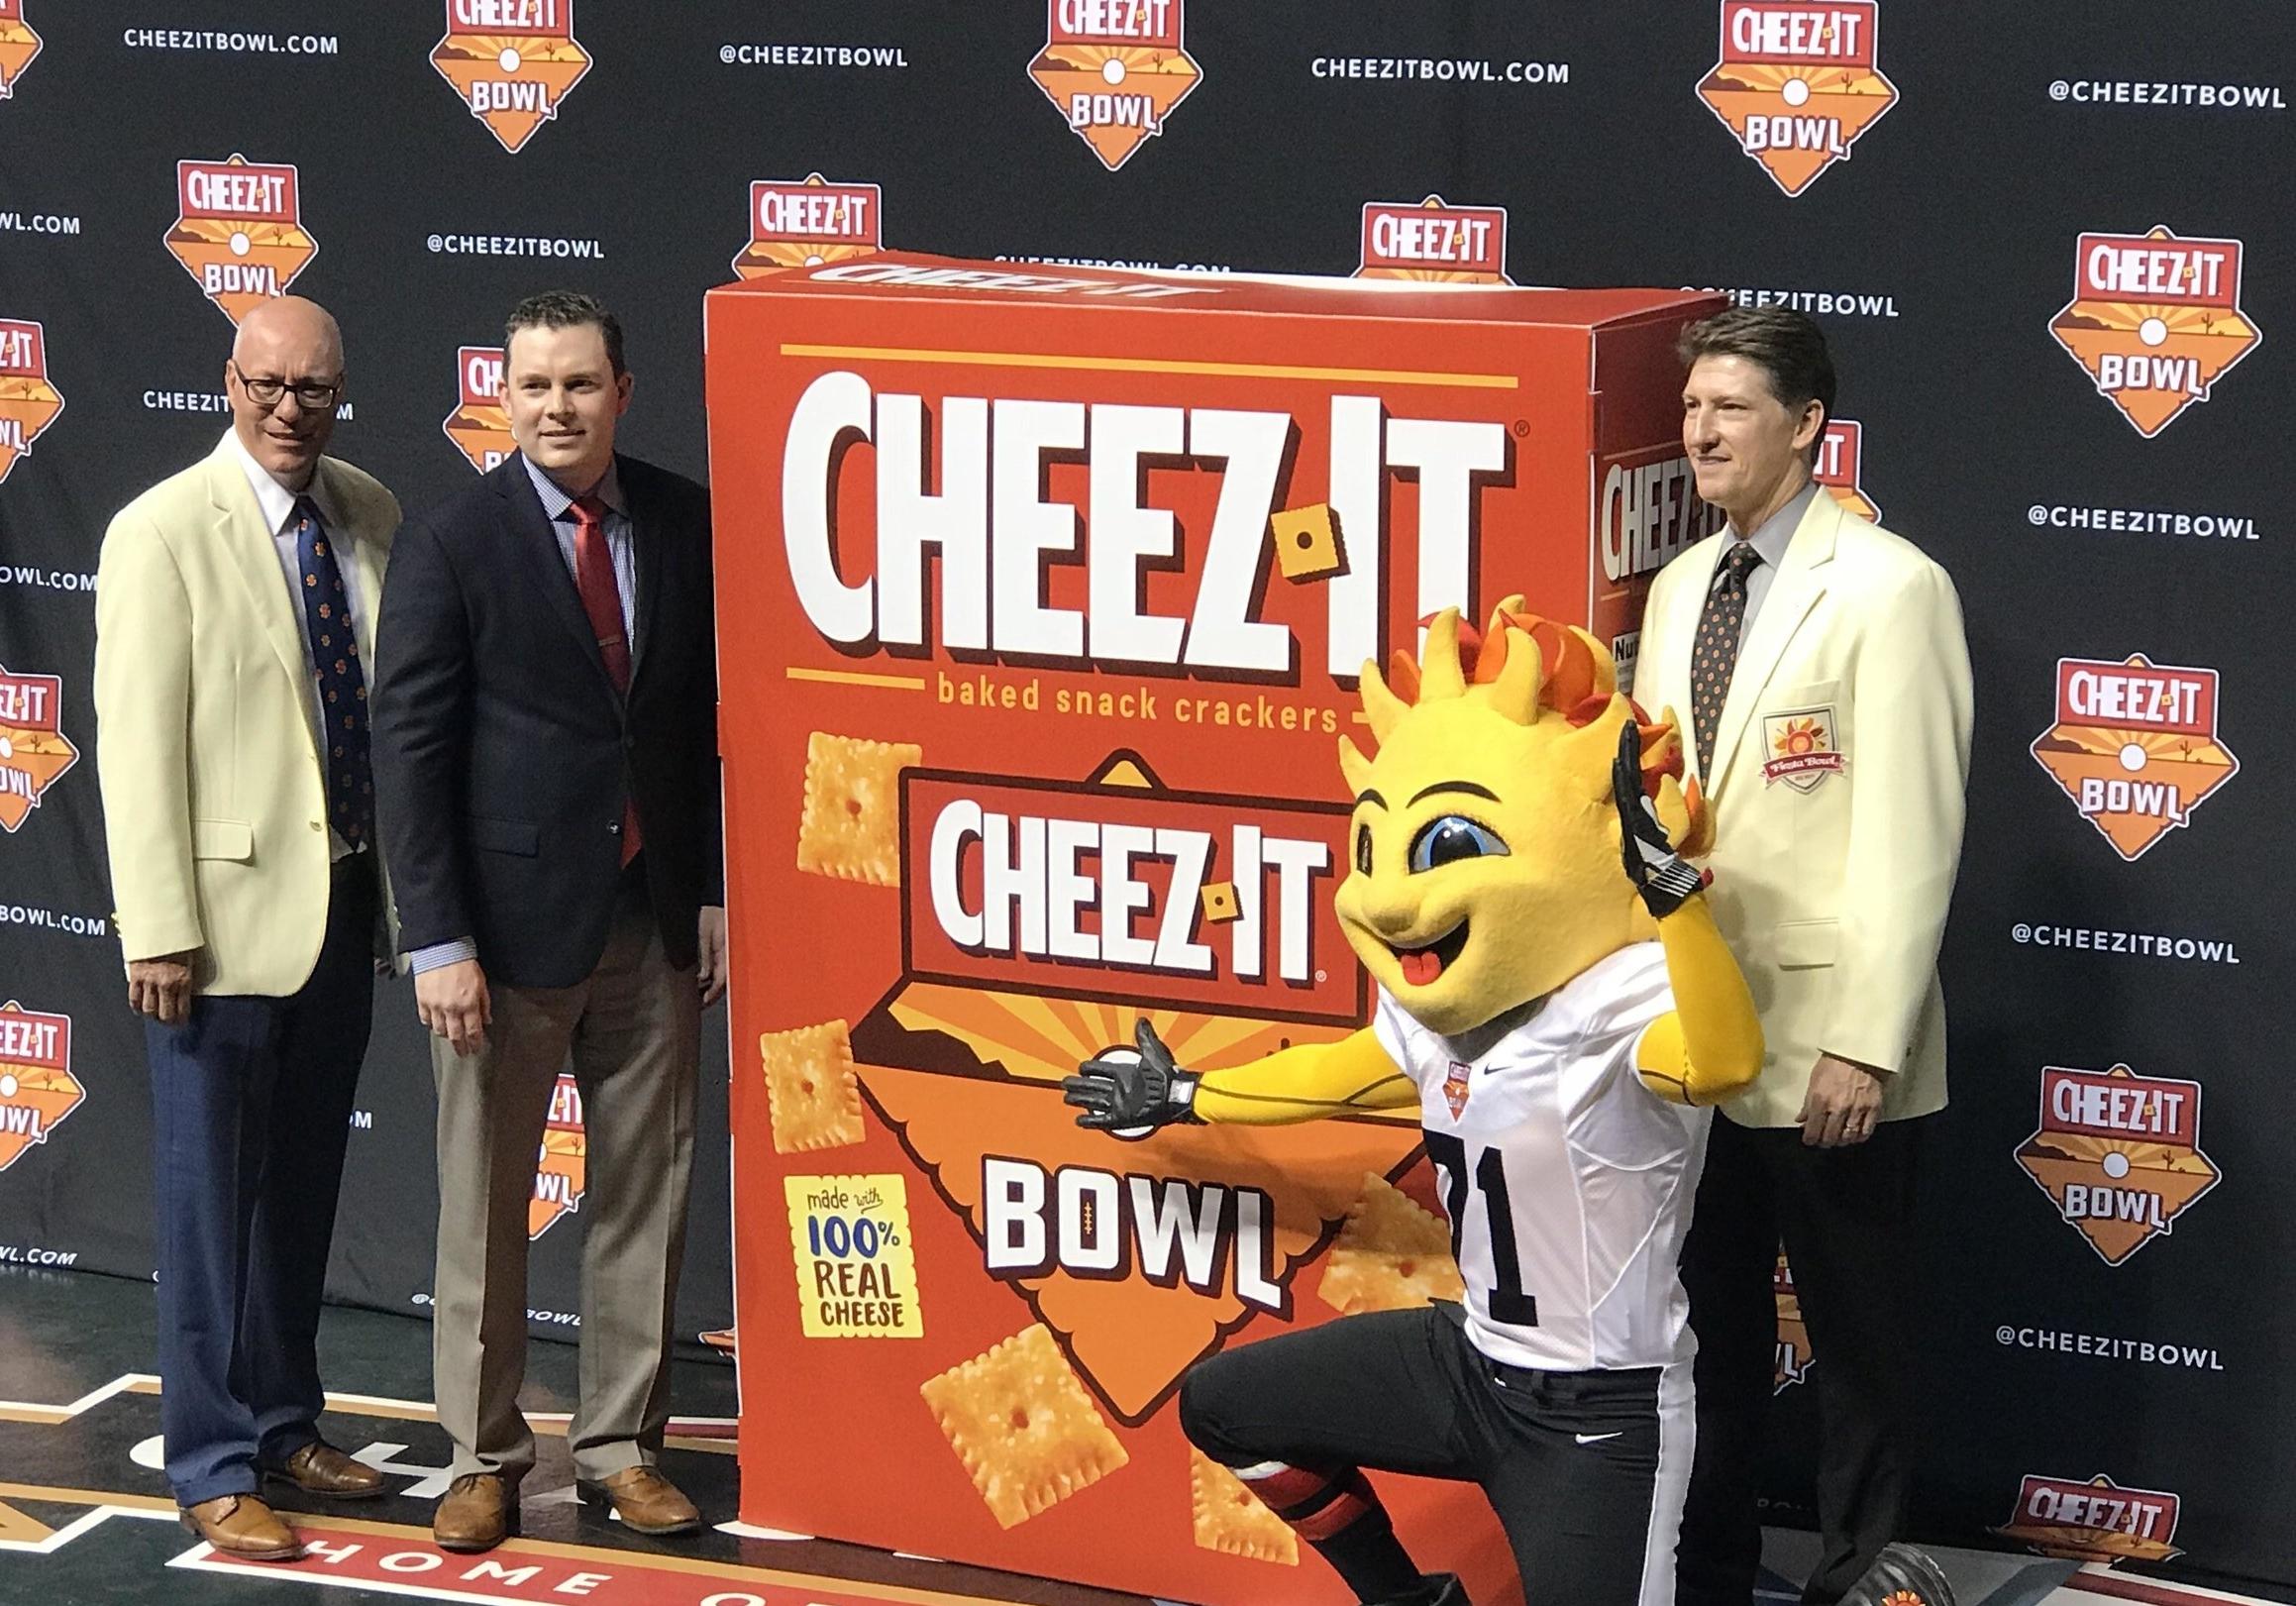 Impression Secures Cheez-It as Cactus Bowl Title